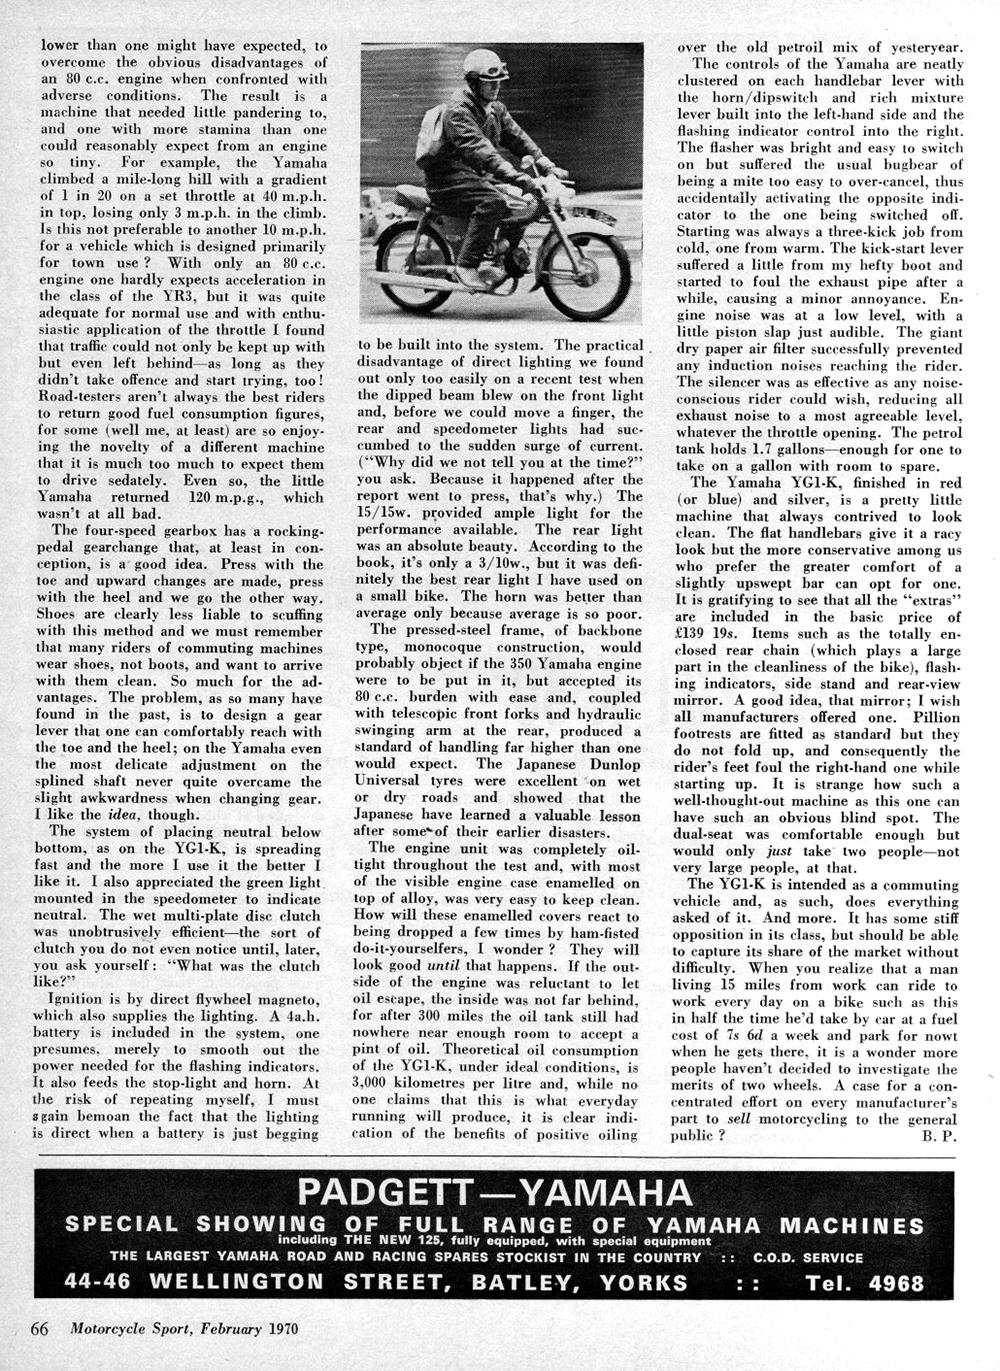 1970 Yamaha YG1-K 80 road test 2.jpg